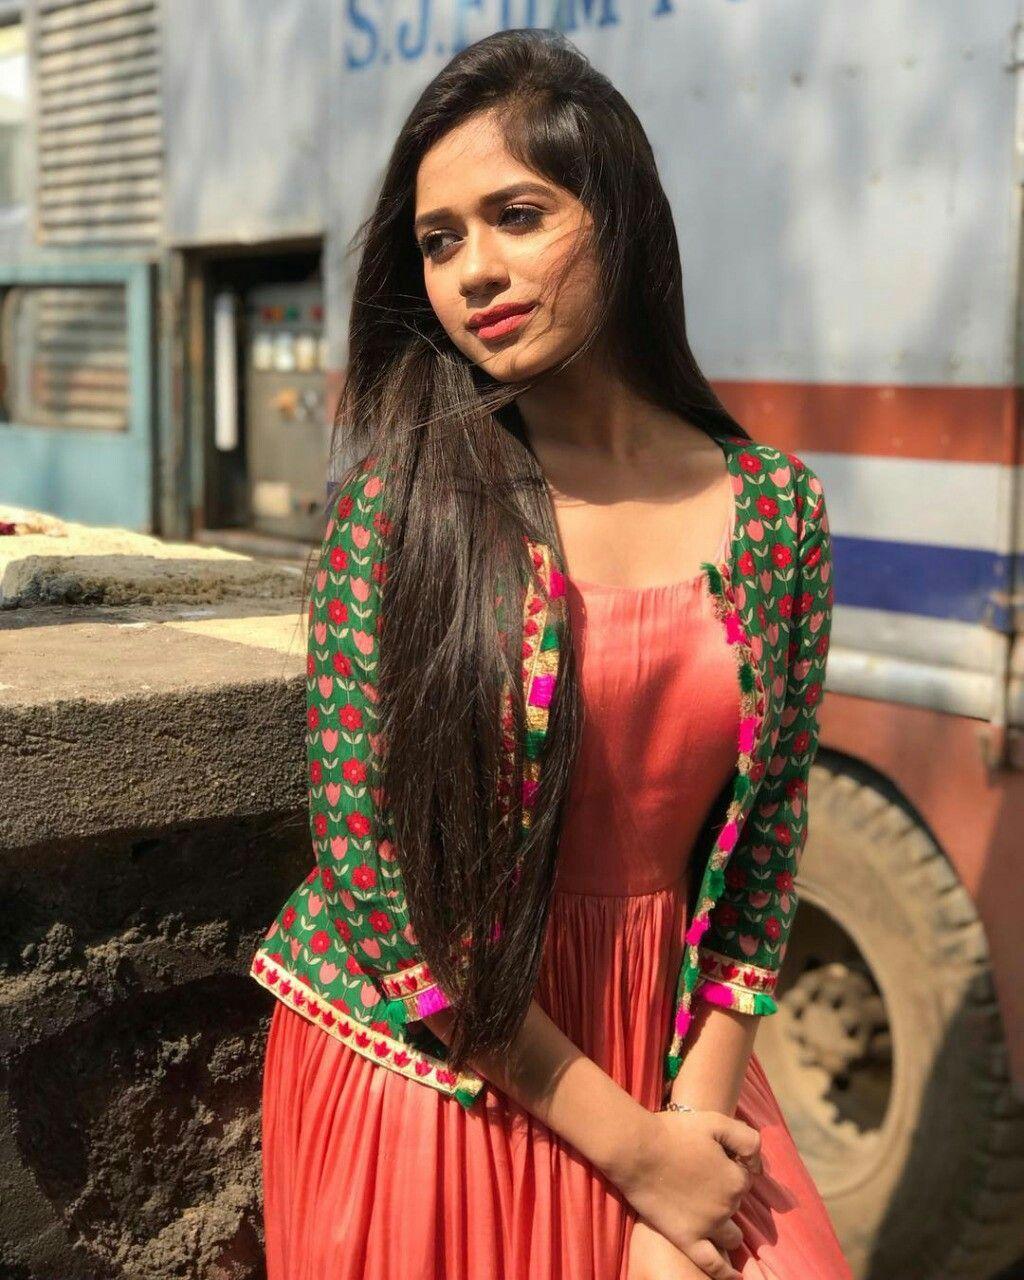 Jannat zubair pink dress  Pin by Saanjh  on Jannat zubair  Pinterest  Indian wear and Teen